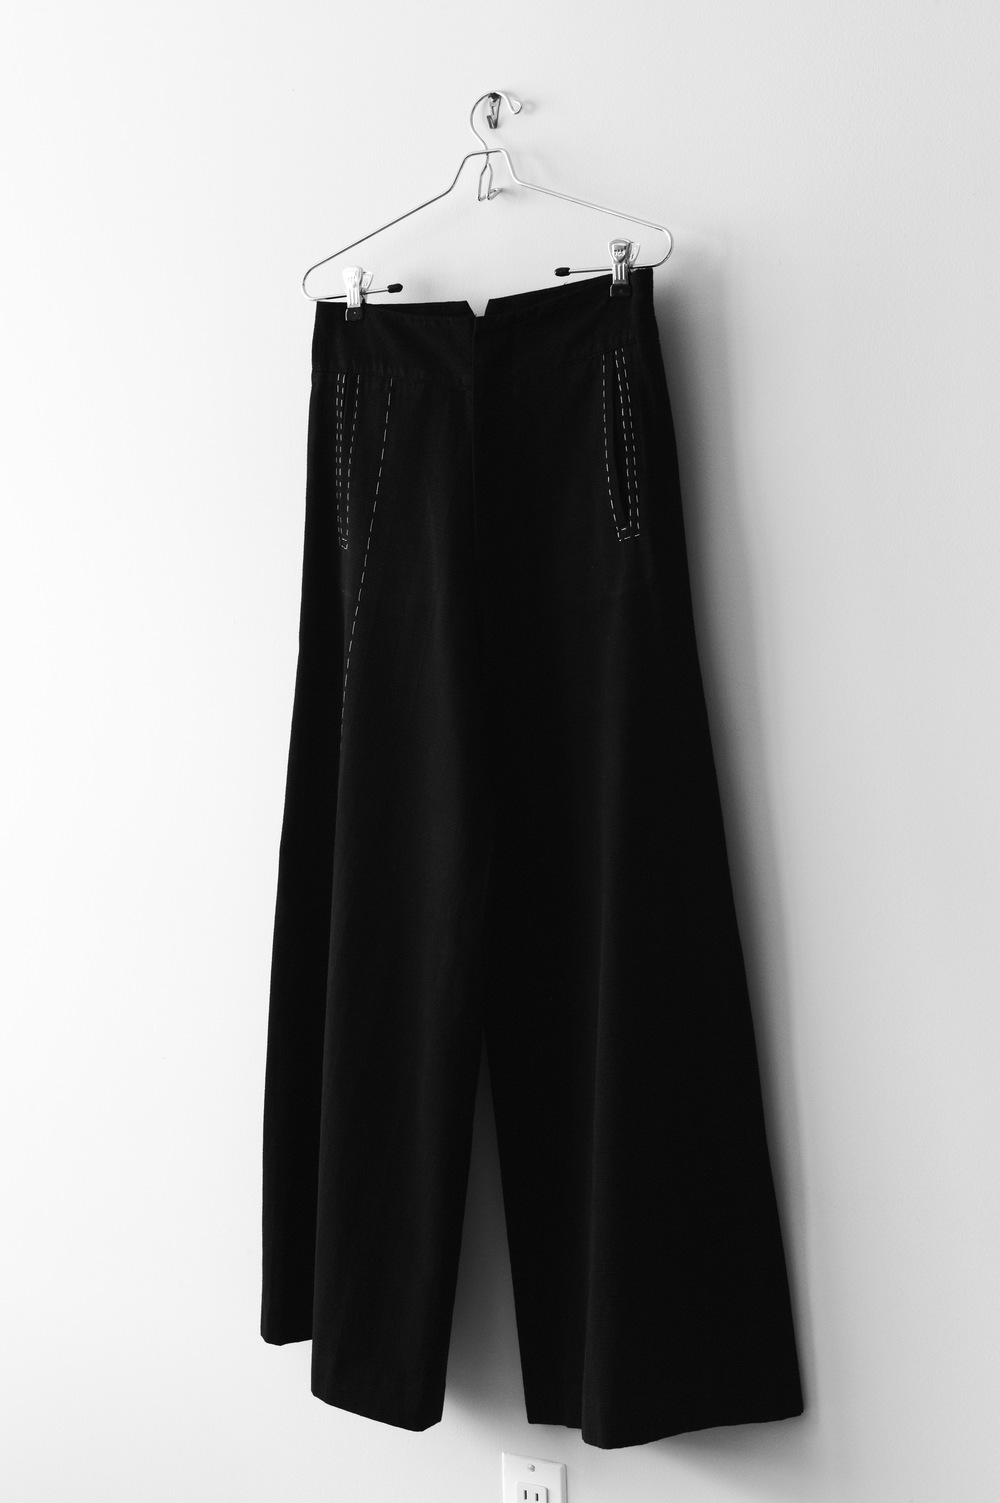 Pants pg3.jpg